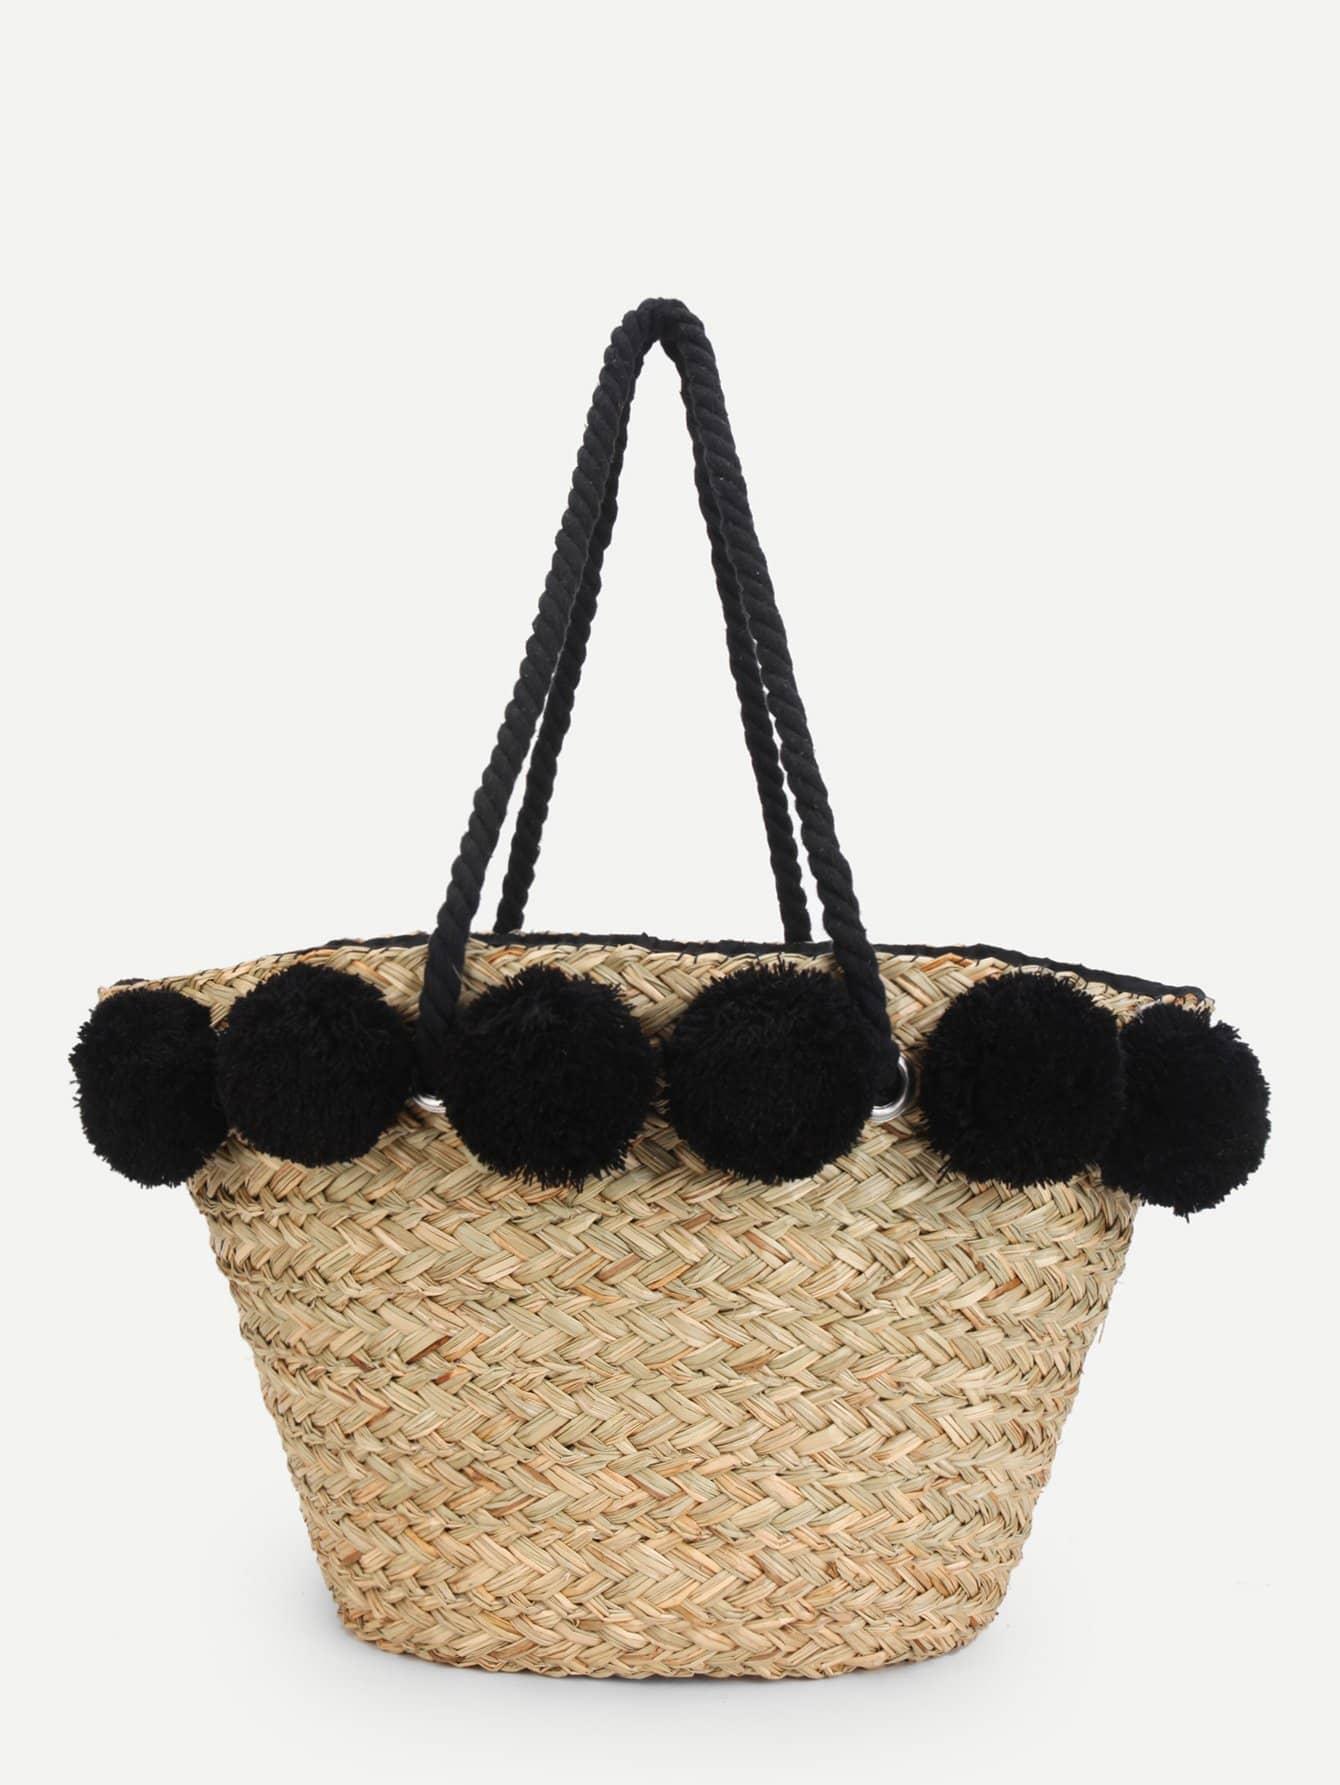 Straw Tote Bag With Pom Pom straw clutch bag with pom pom